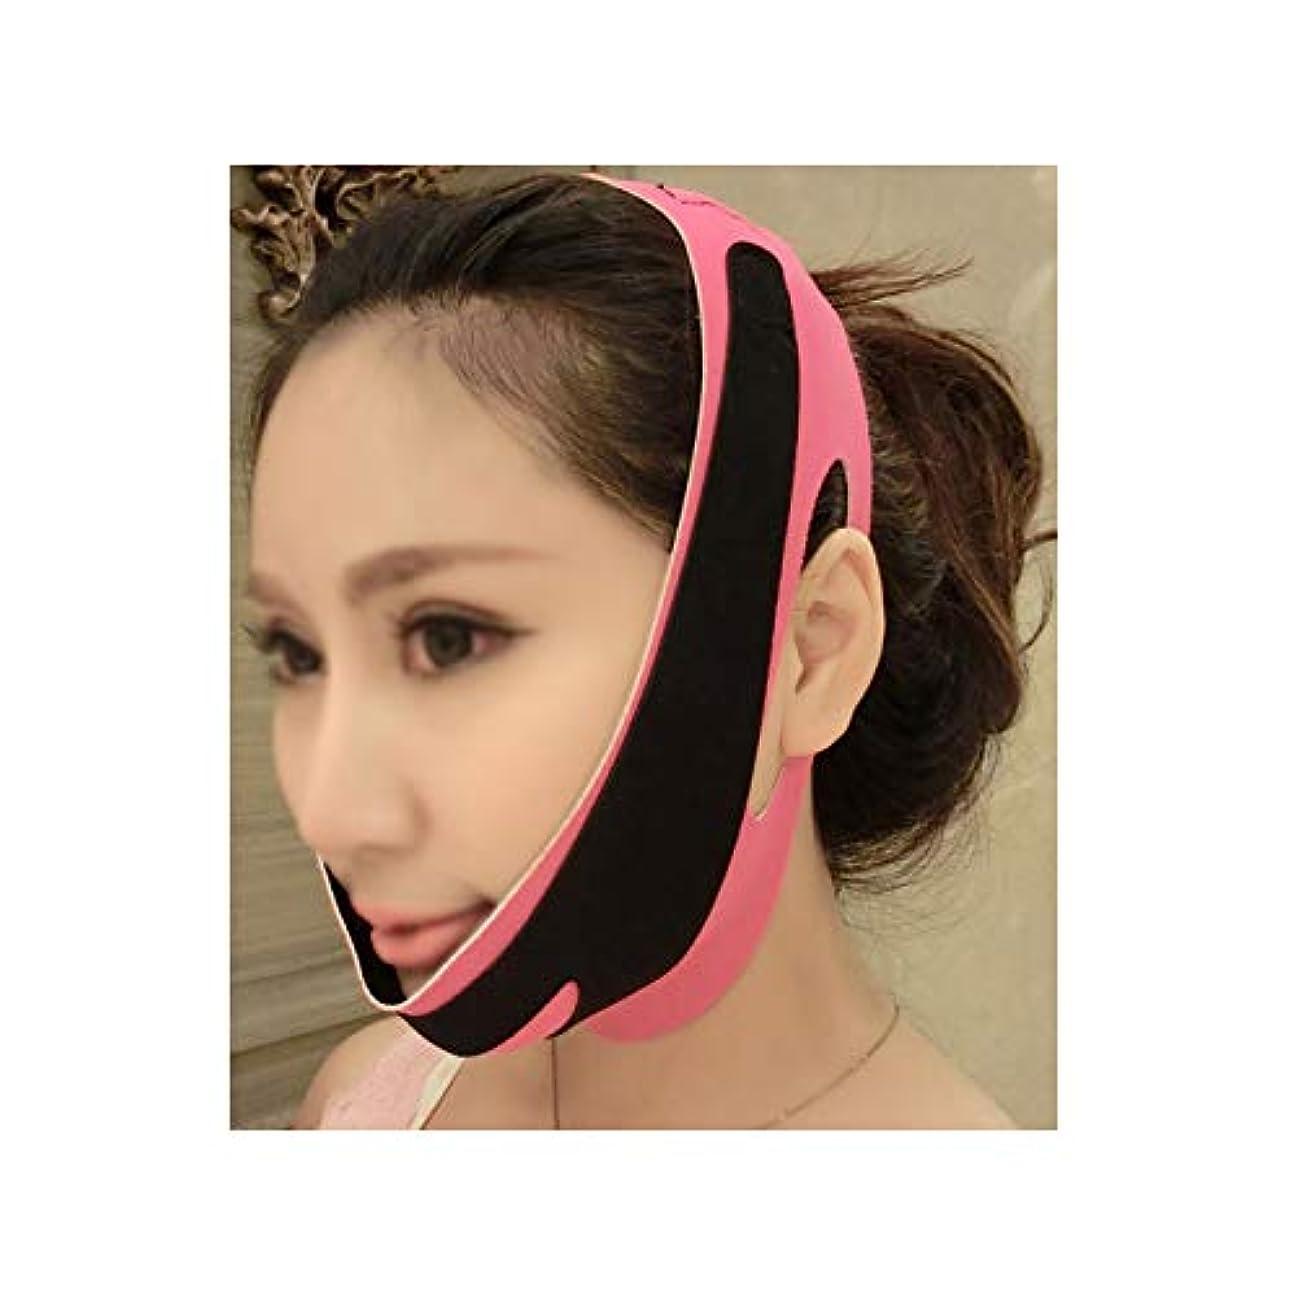 パッチスペシャリスト残り物薄い顔包帯フェイススリム二重あごを取り除くVラインの顔の形を作成する頬チークリフトアップアンチリンクルリフティングベルトフェイスマッサージツール女性と女の子用(3フェイス包帯)